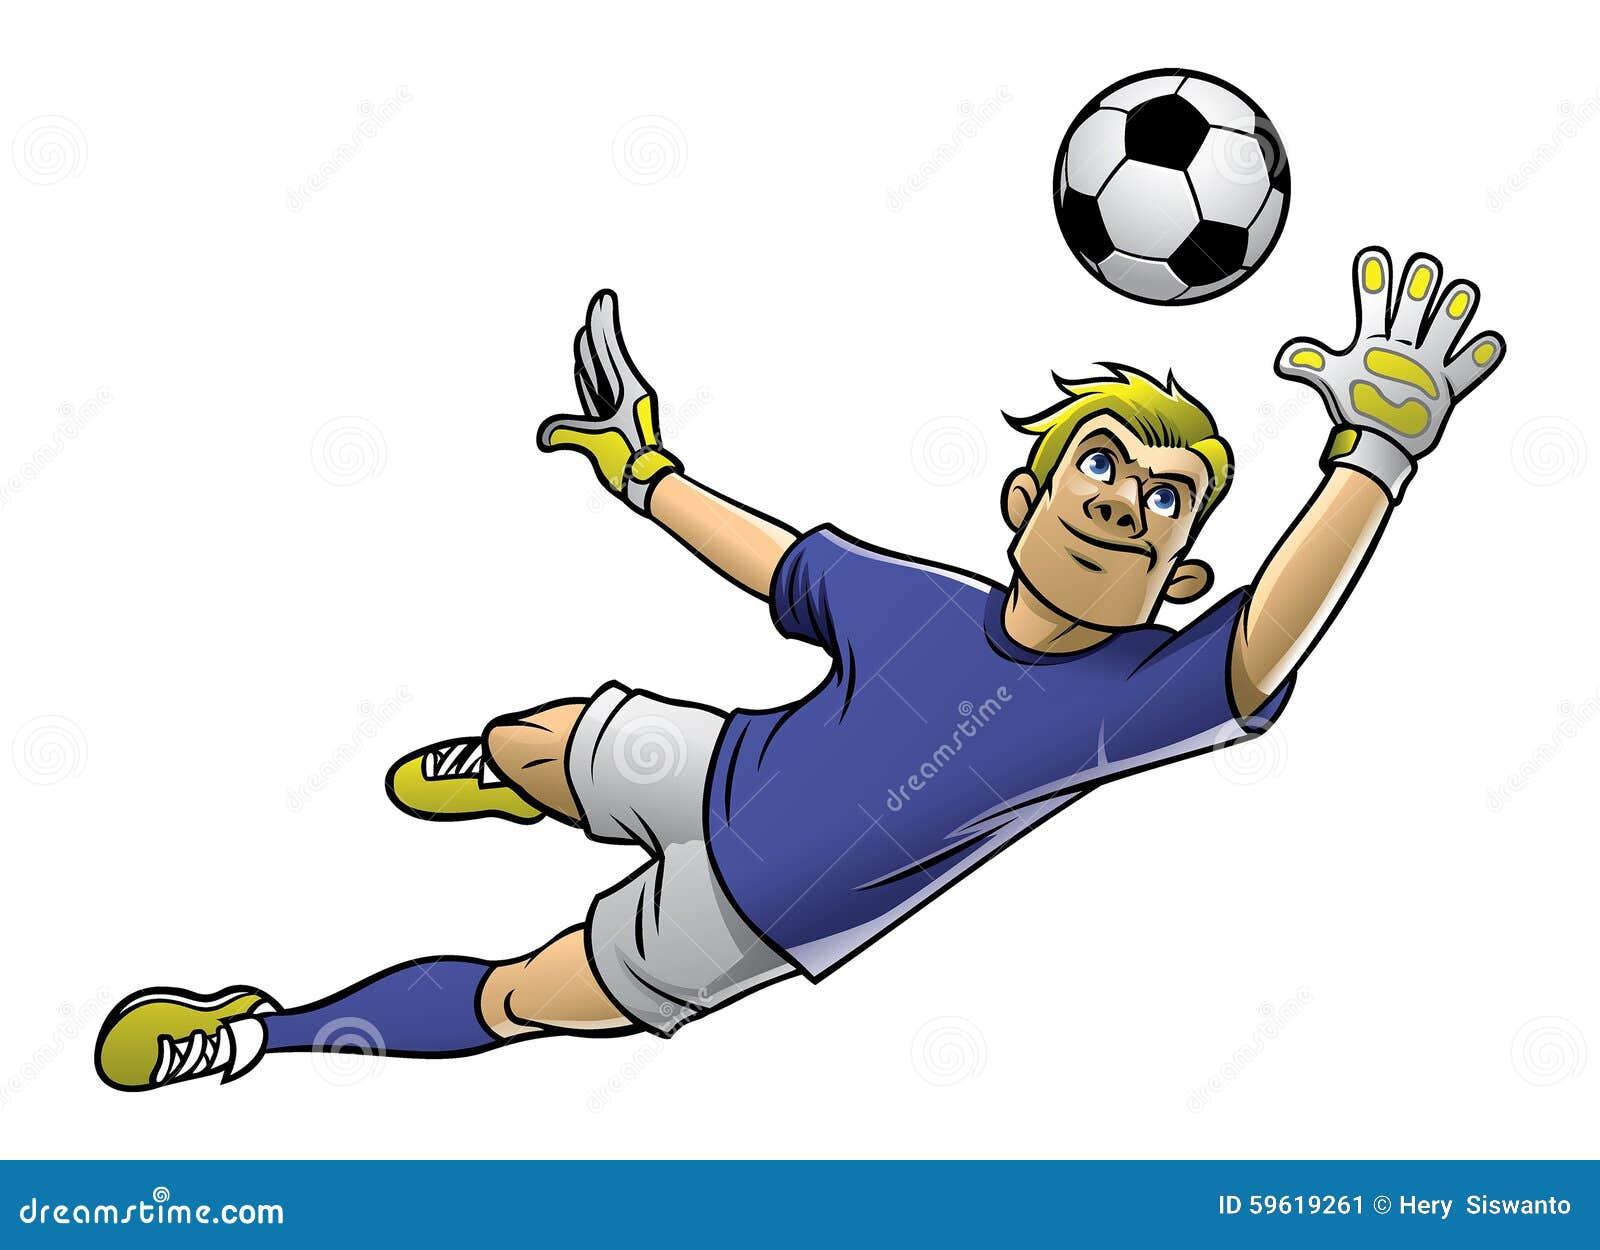 行动的足球守门员